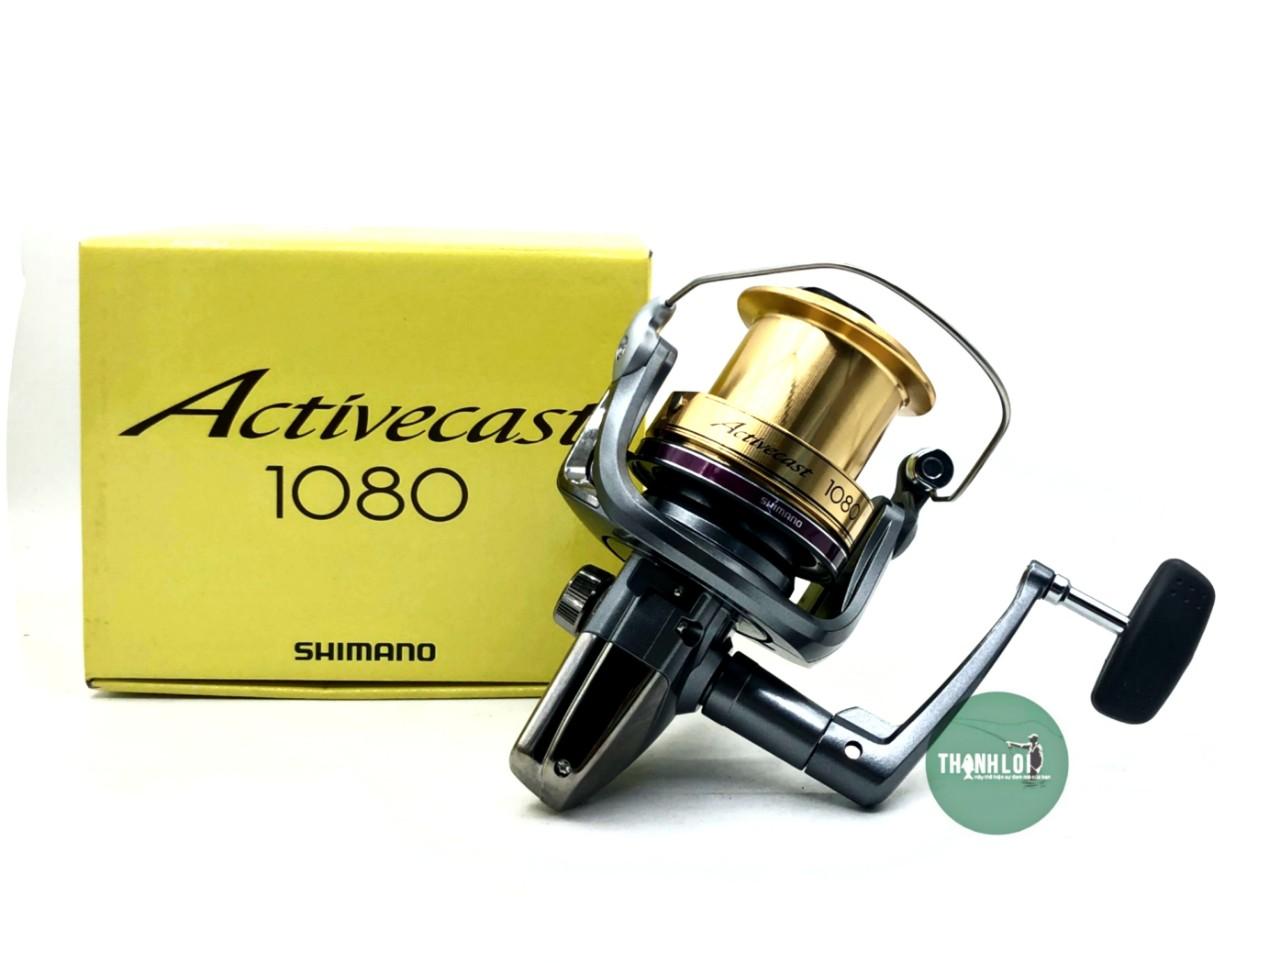 Máy shimano Activecaist 1080